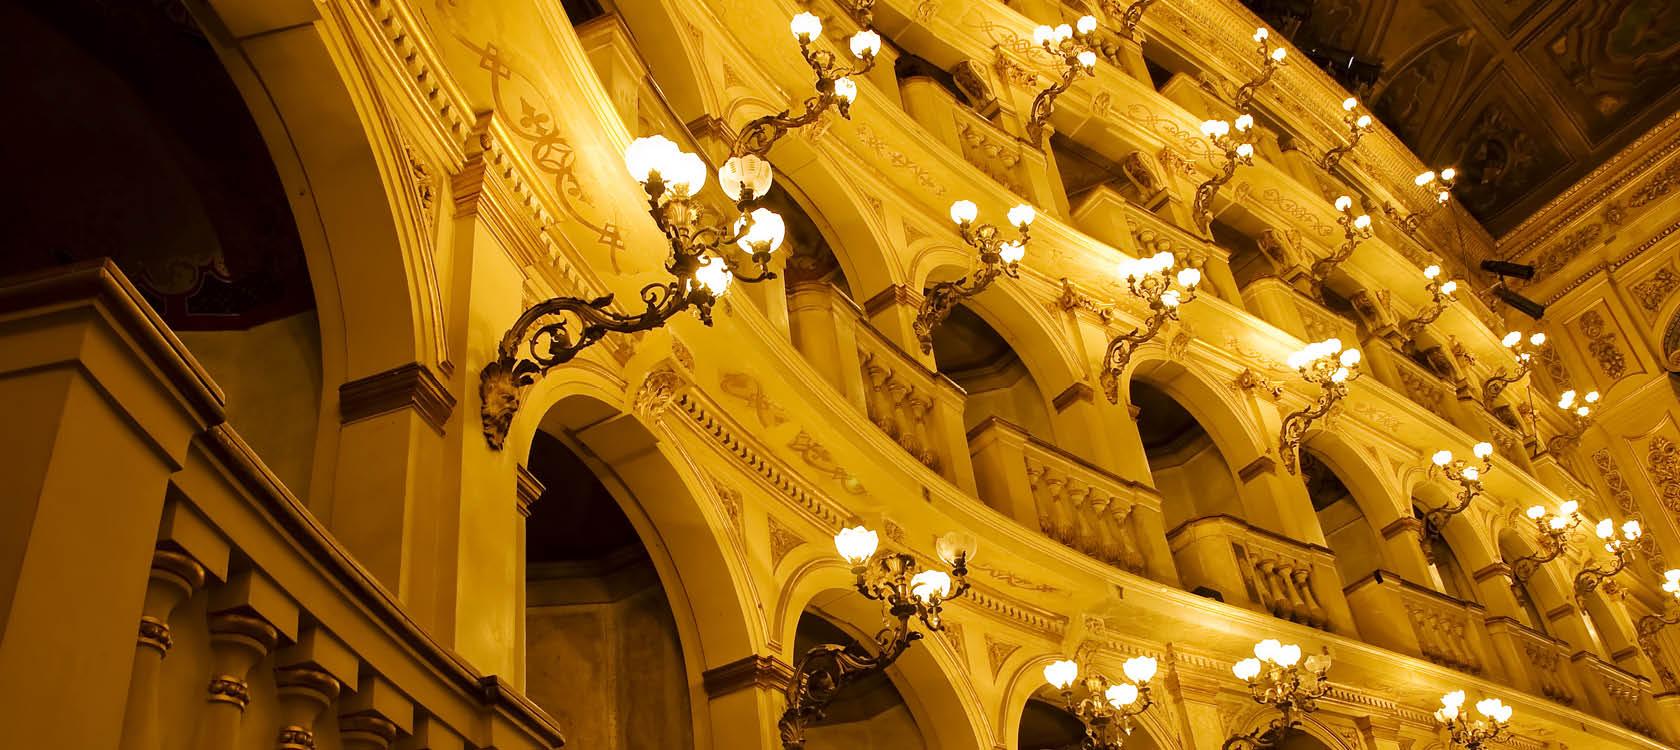 njut av opera under bar himmel på våra operaresor till italien